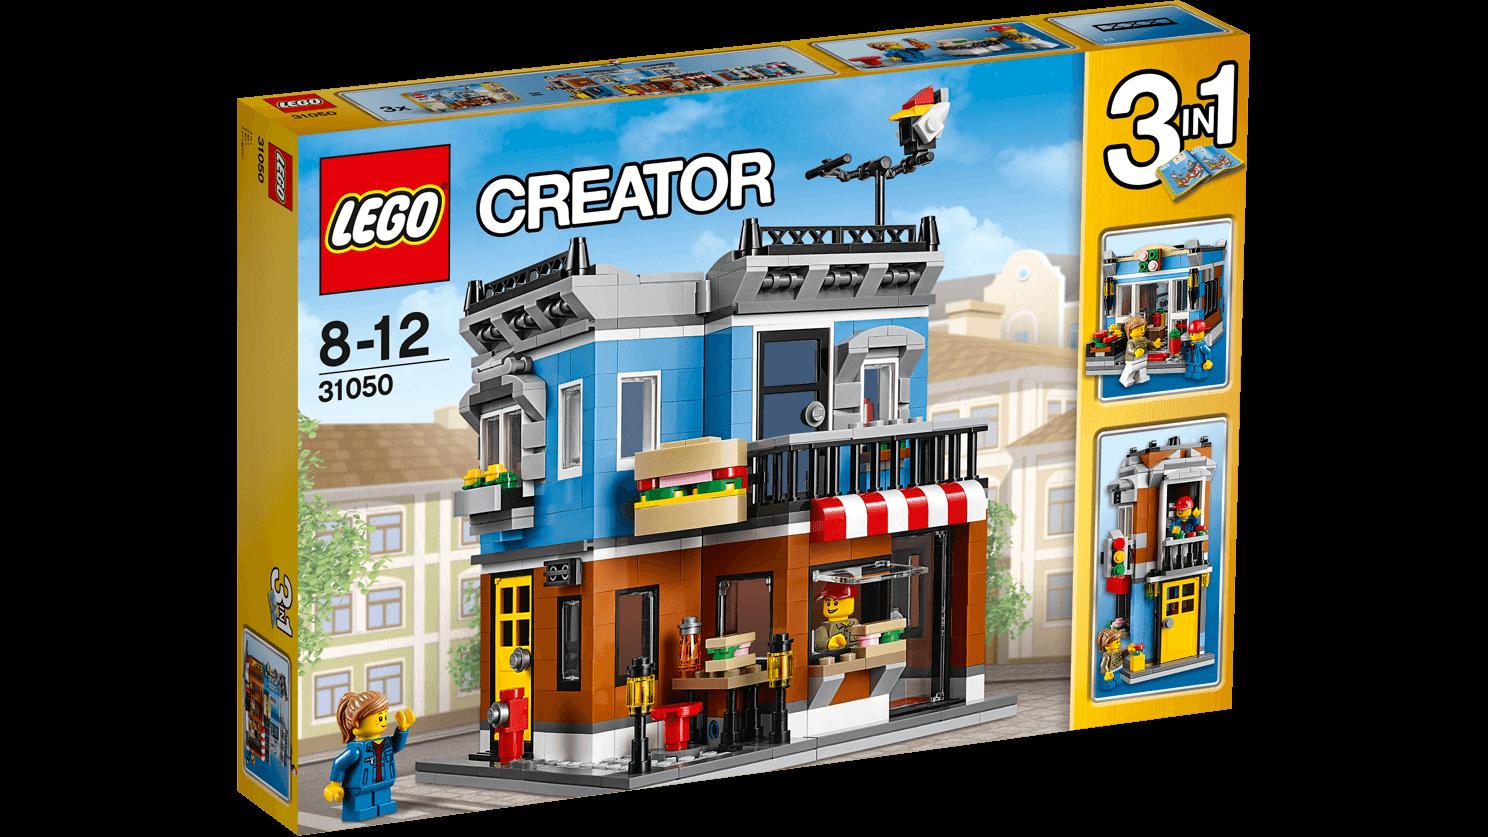 Lego creator - delikatesseforretning, 5 stk. på lager fra Lego creator fra pixizoo